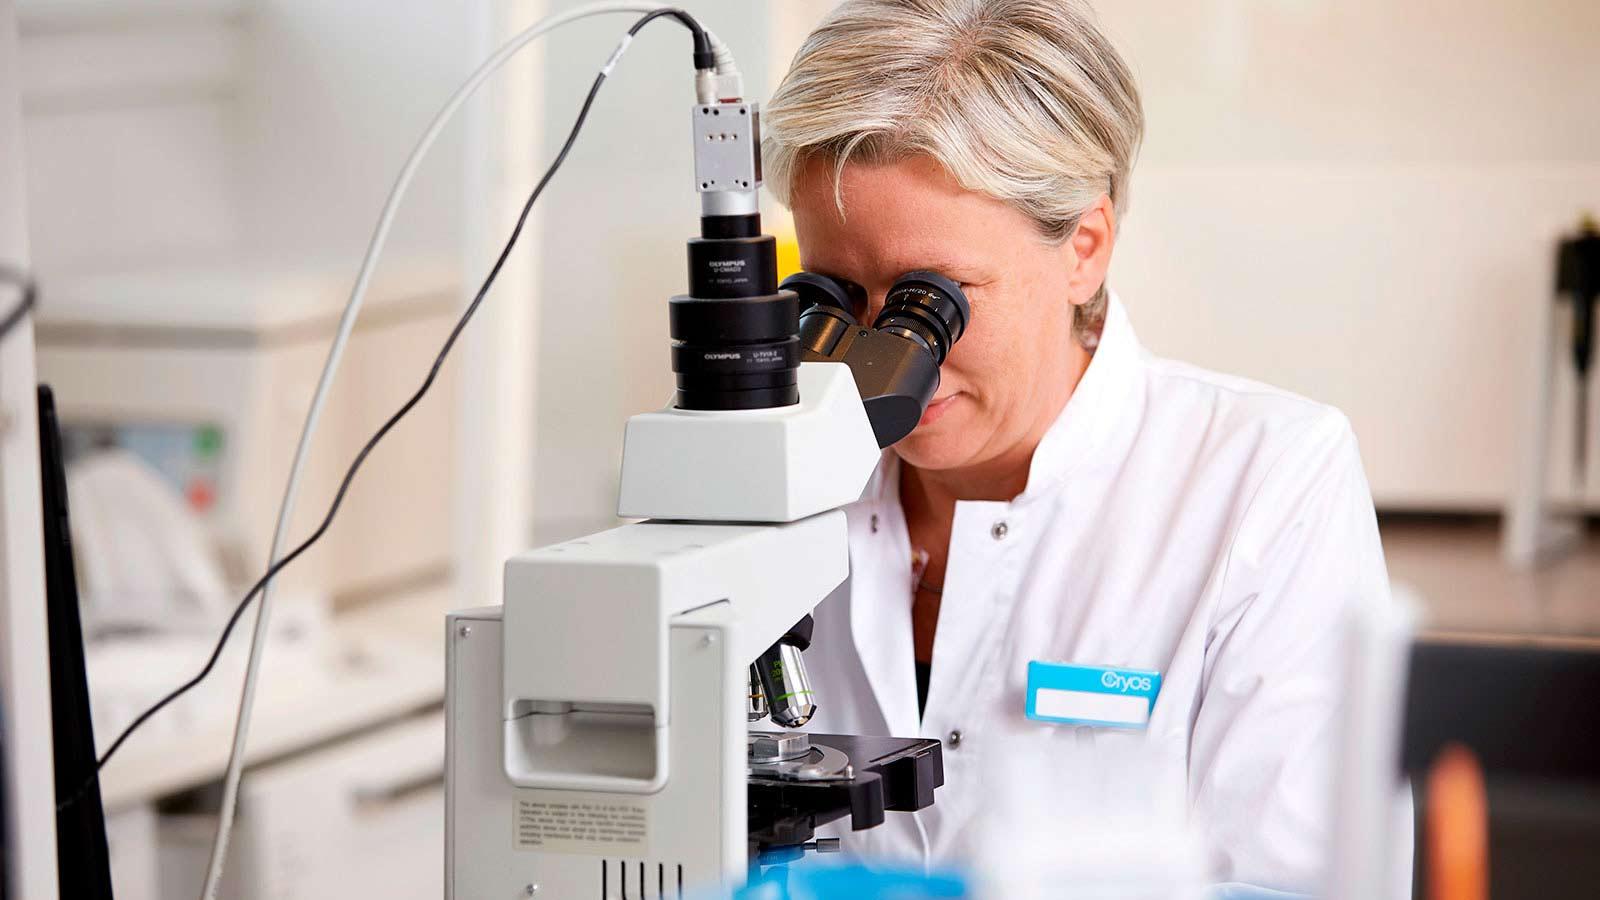 Tecnico di laboratorio di Cryos che valuta al microscopio la qualità di un campione di seme di donatore